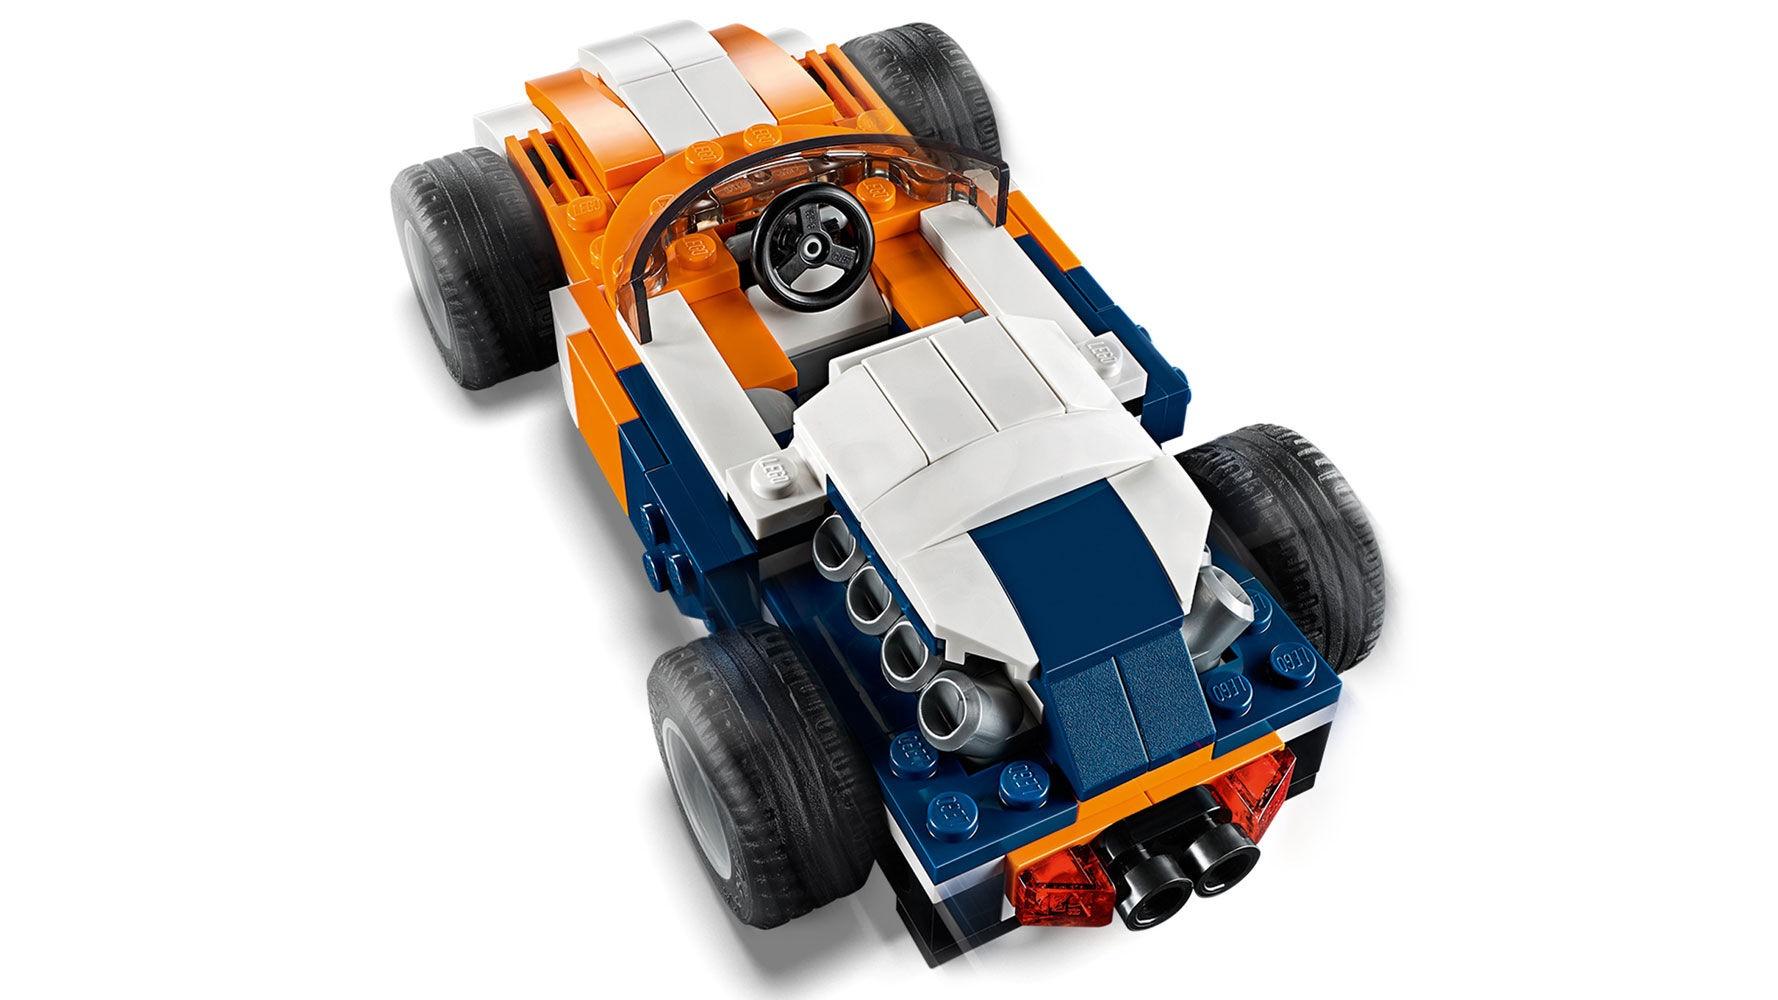 SUNSET TRUCK RACER